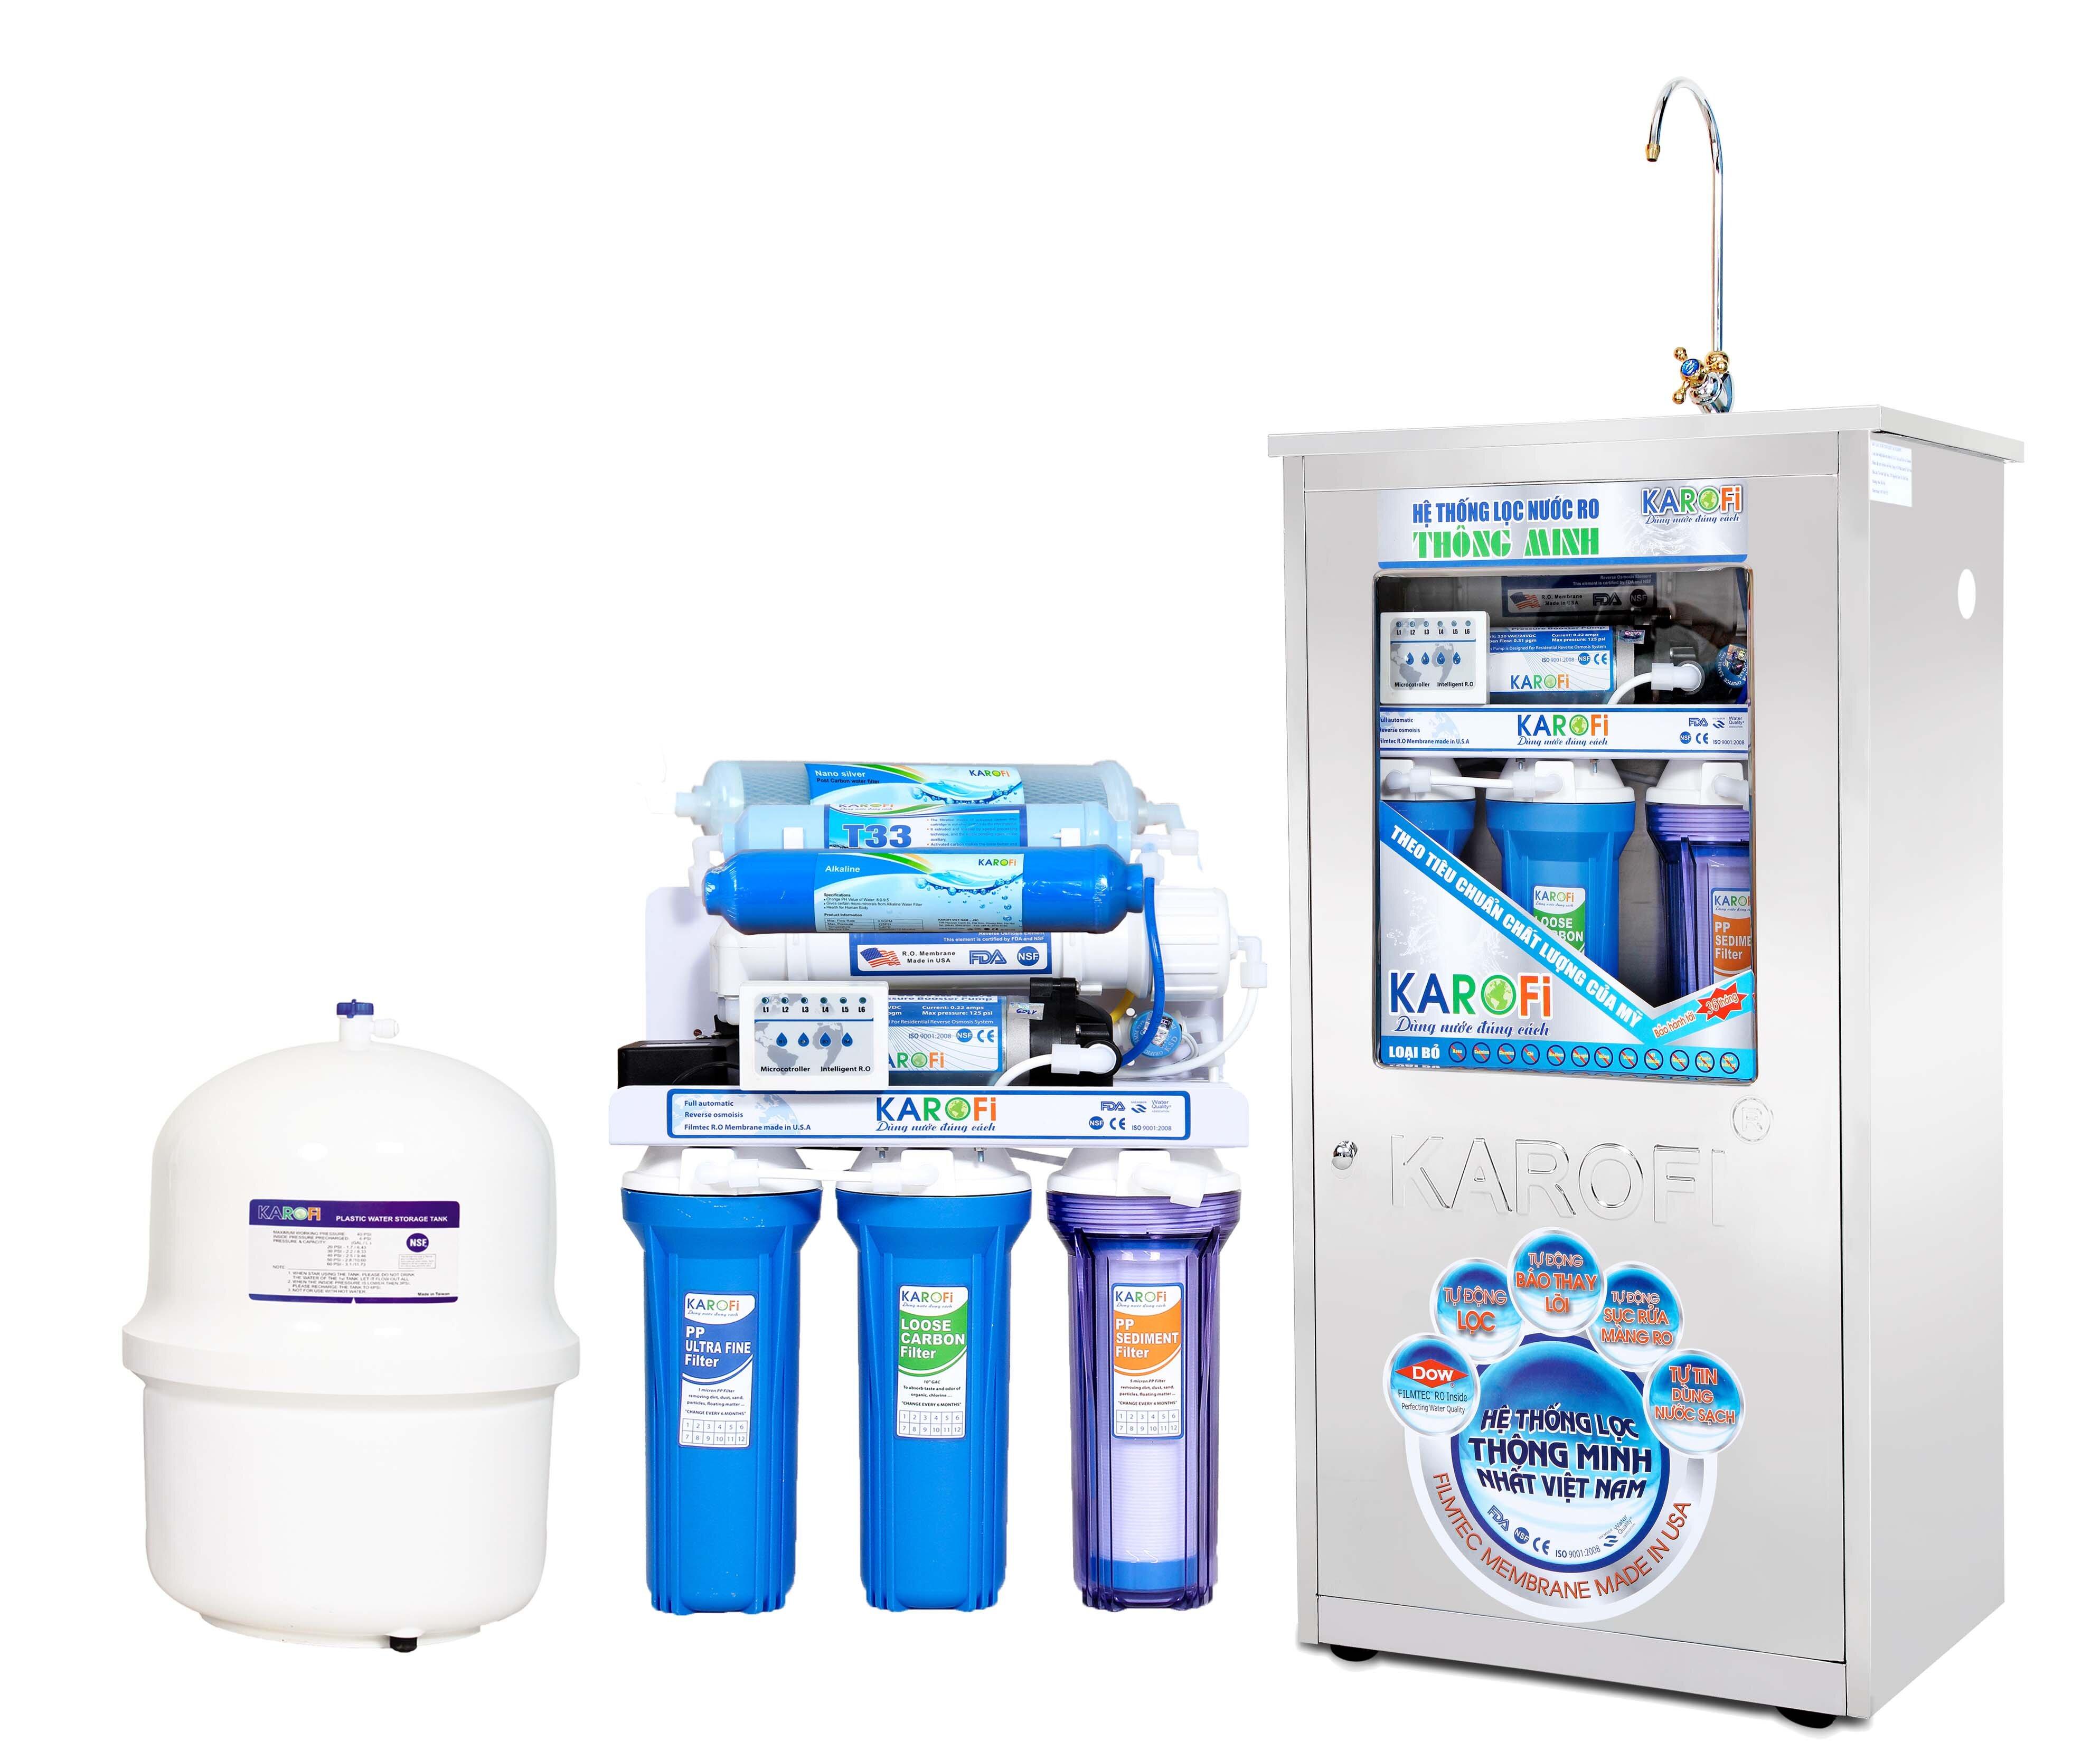 Bảng giá máy lọc nước RO công suất 50 lít/ giờ cập nhật 5/2015